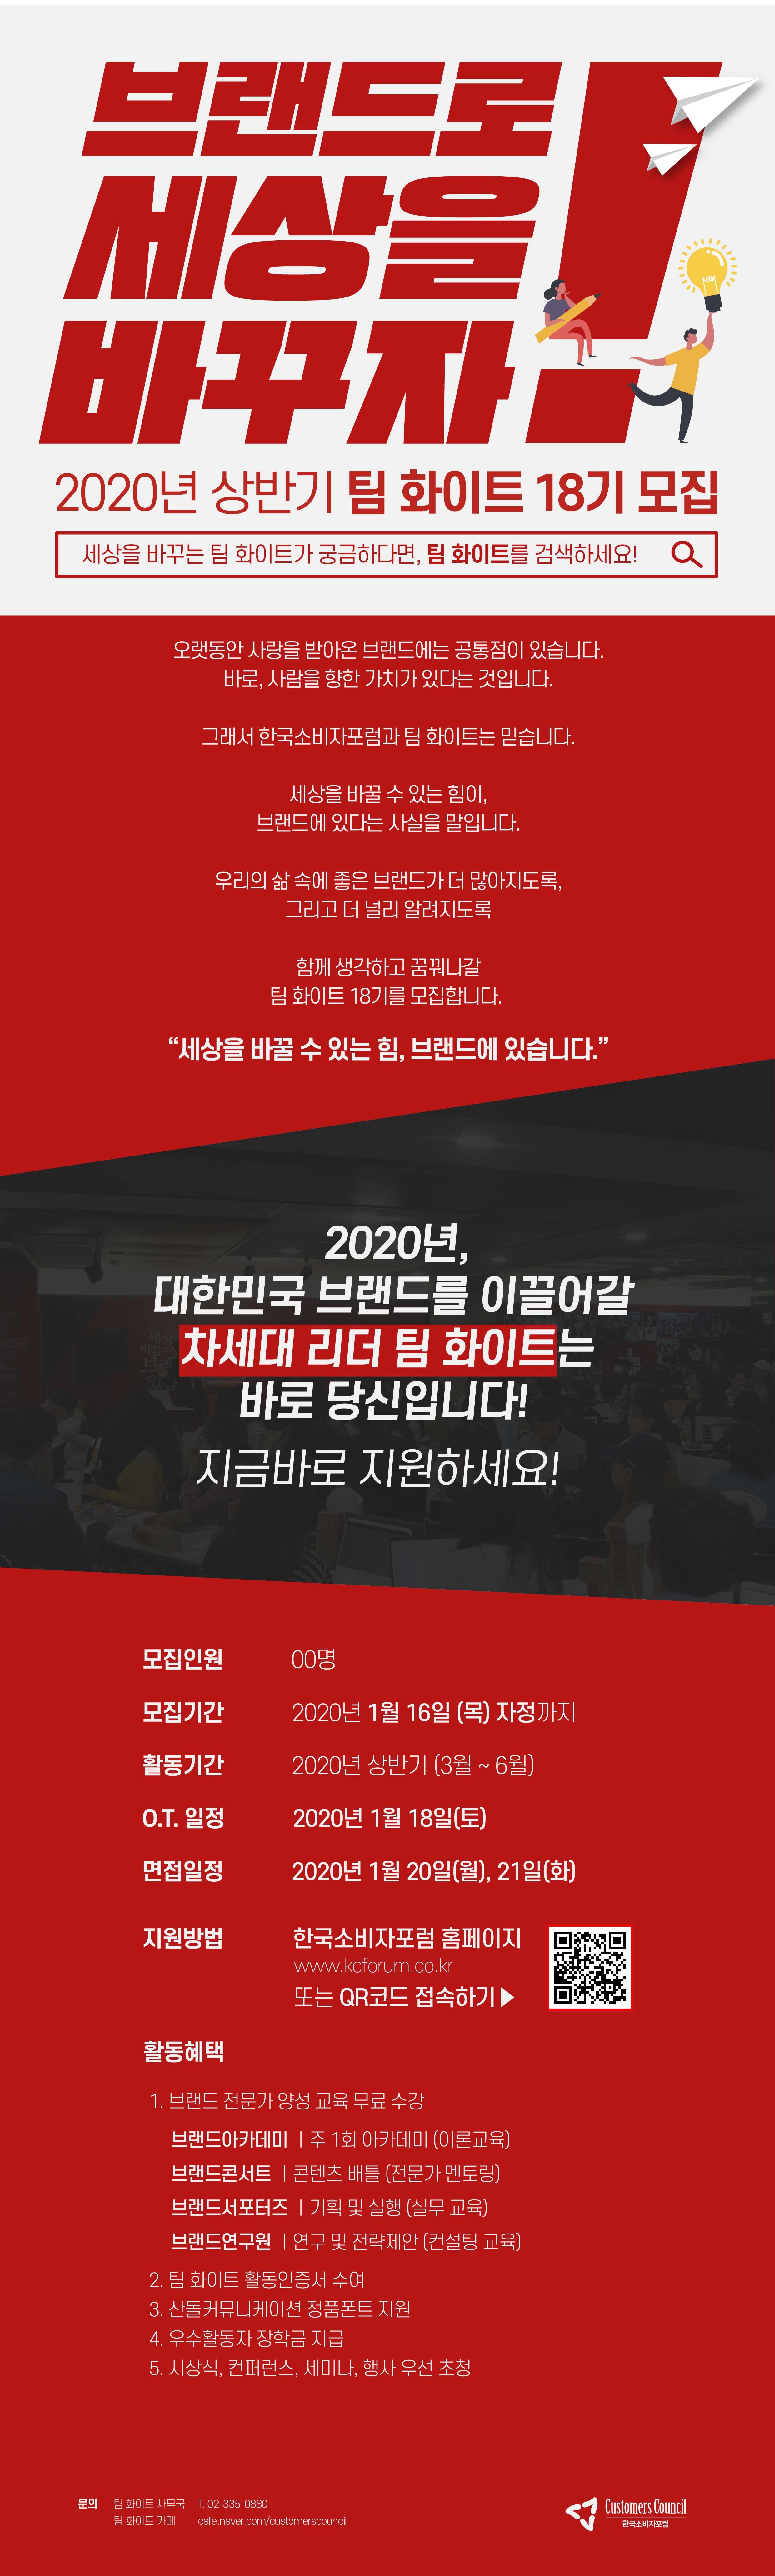 [한국소비자포럼] 팀 화이트 18기 모집 : 브랜드로 세상을 바꾸자!